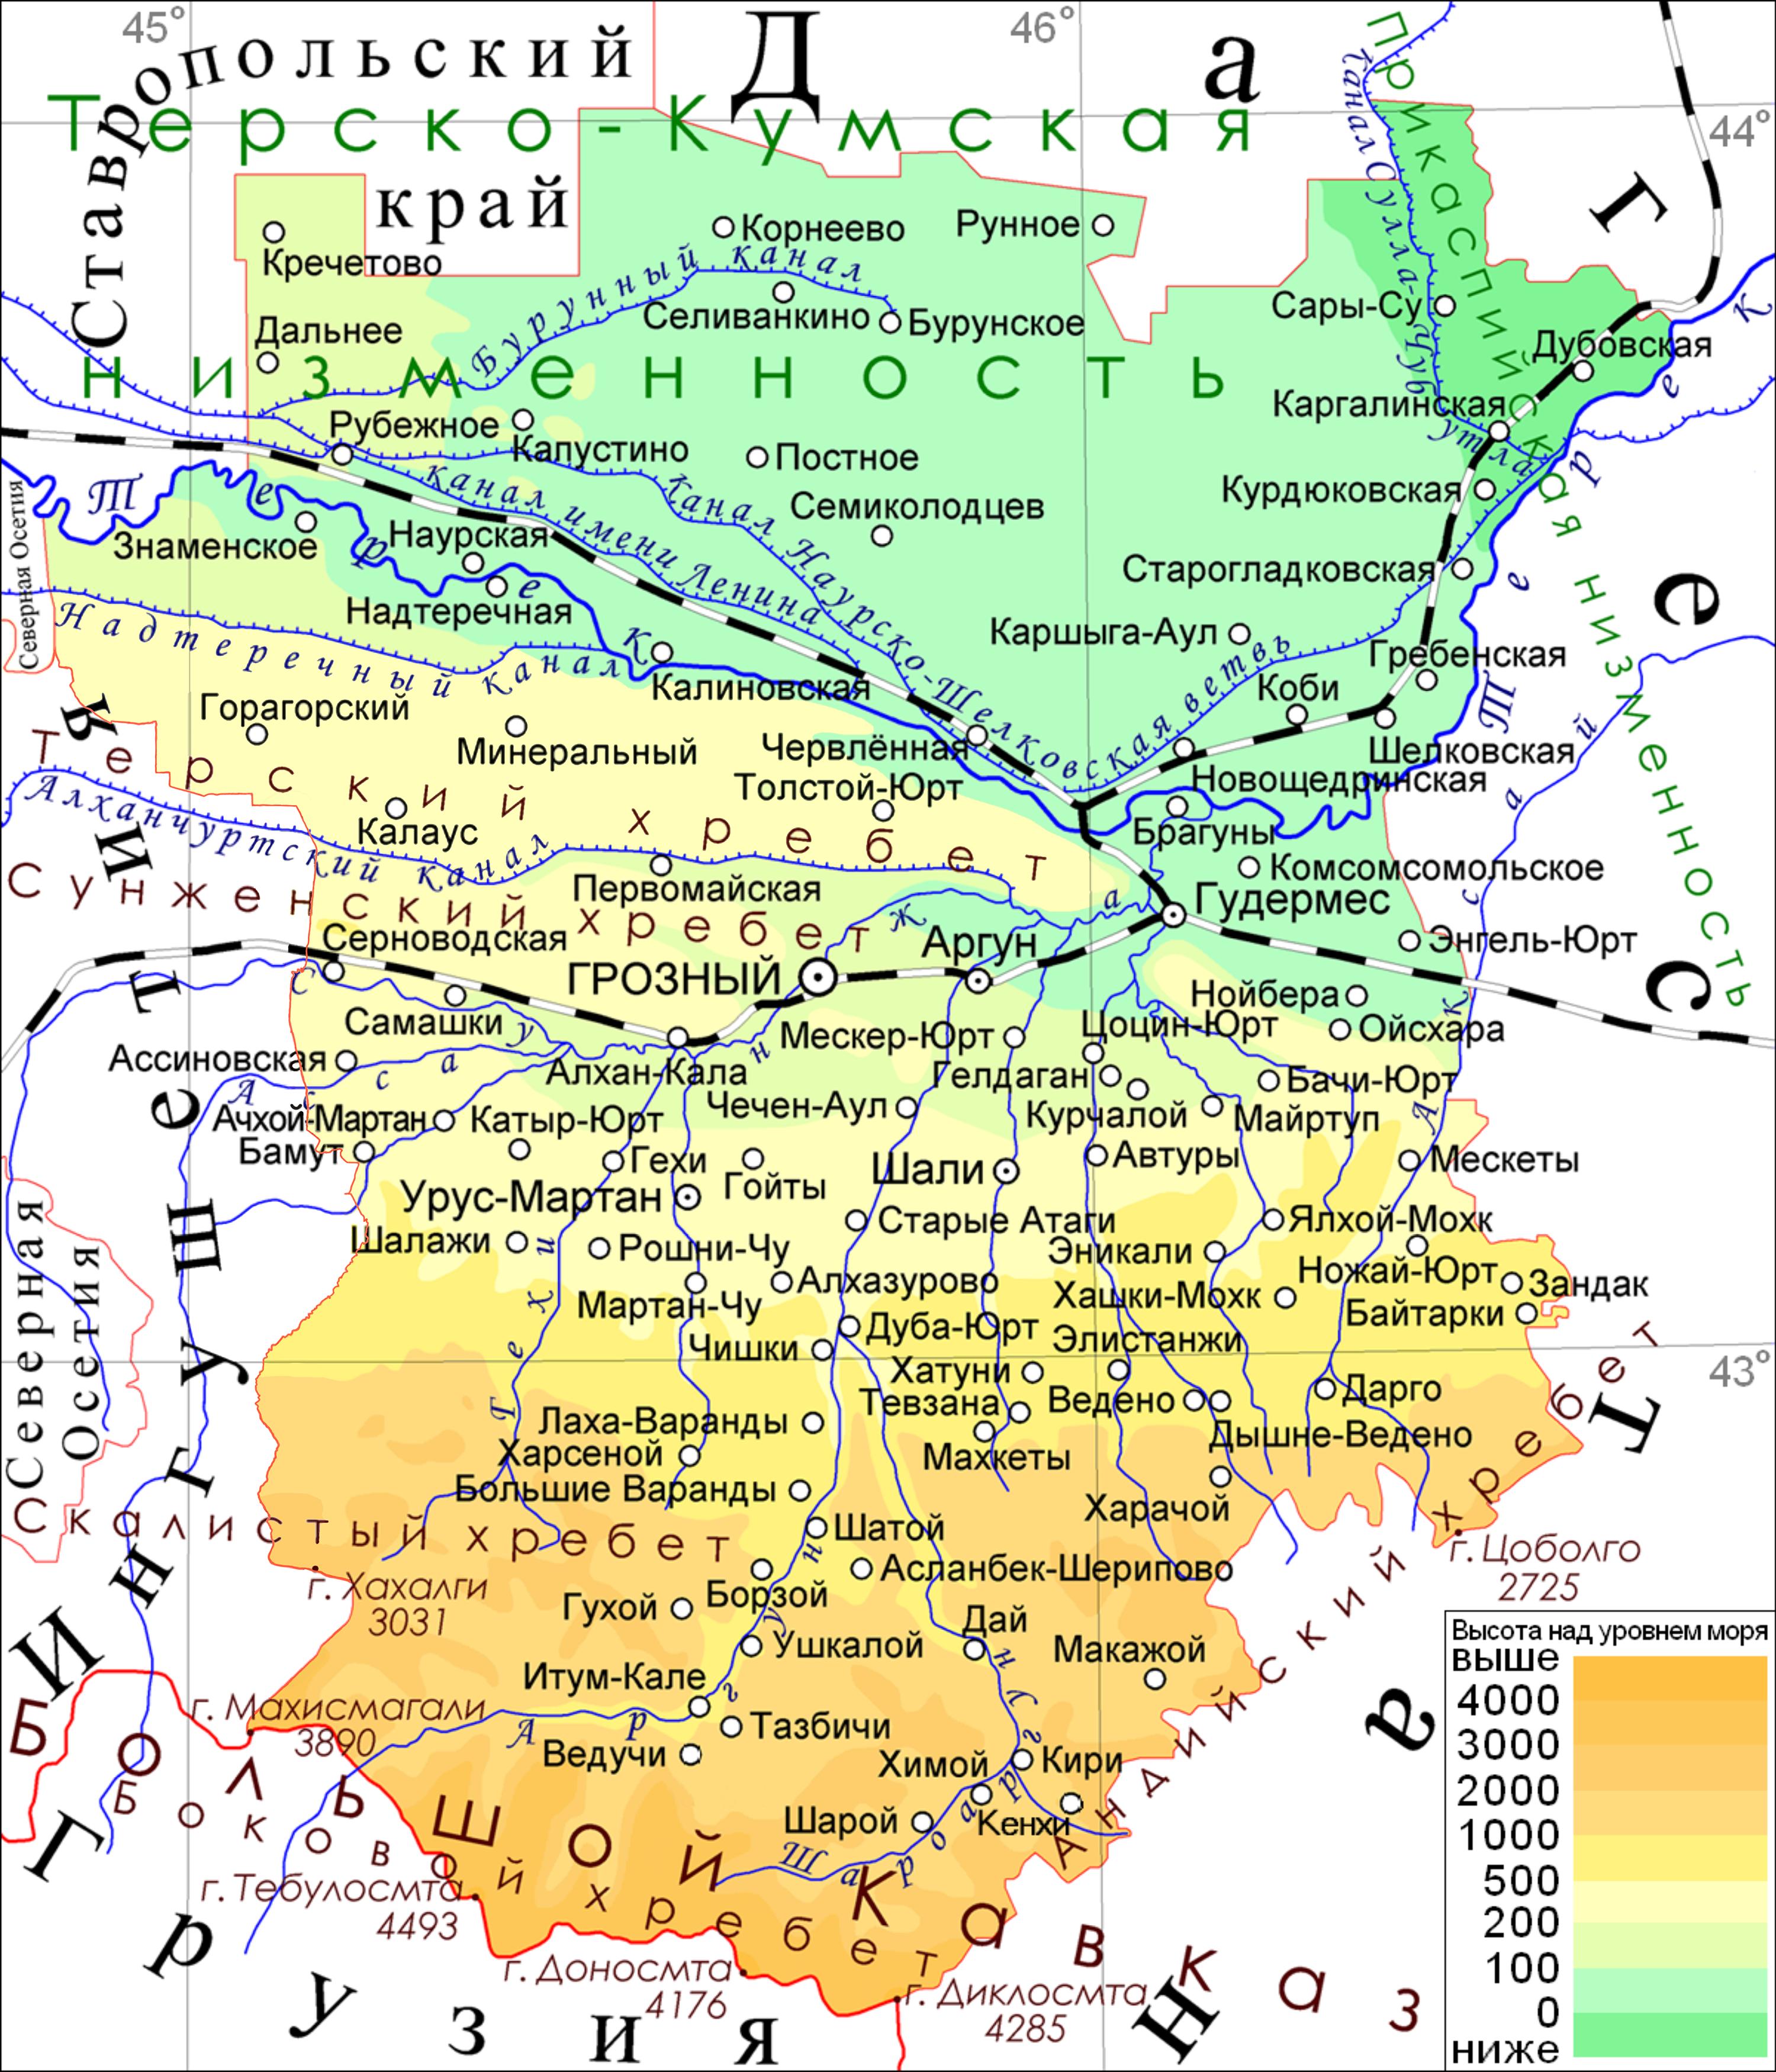 Доклад по географии смоленщины 8 класс растительный и животный мир